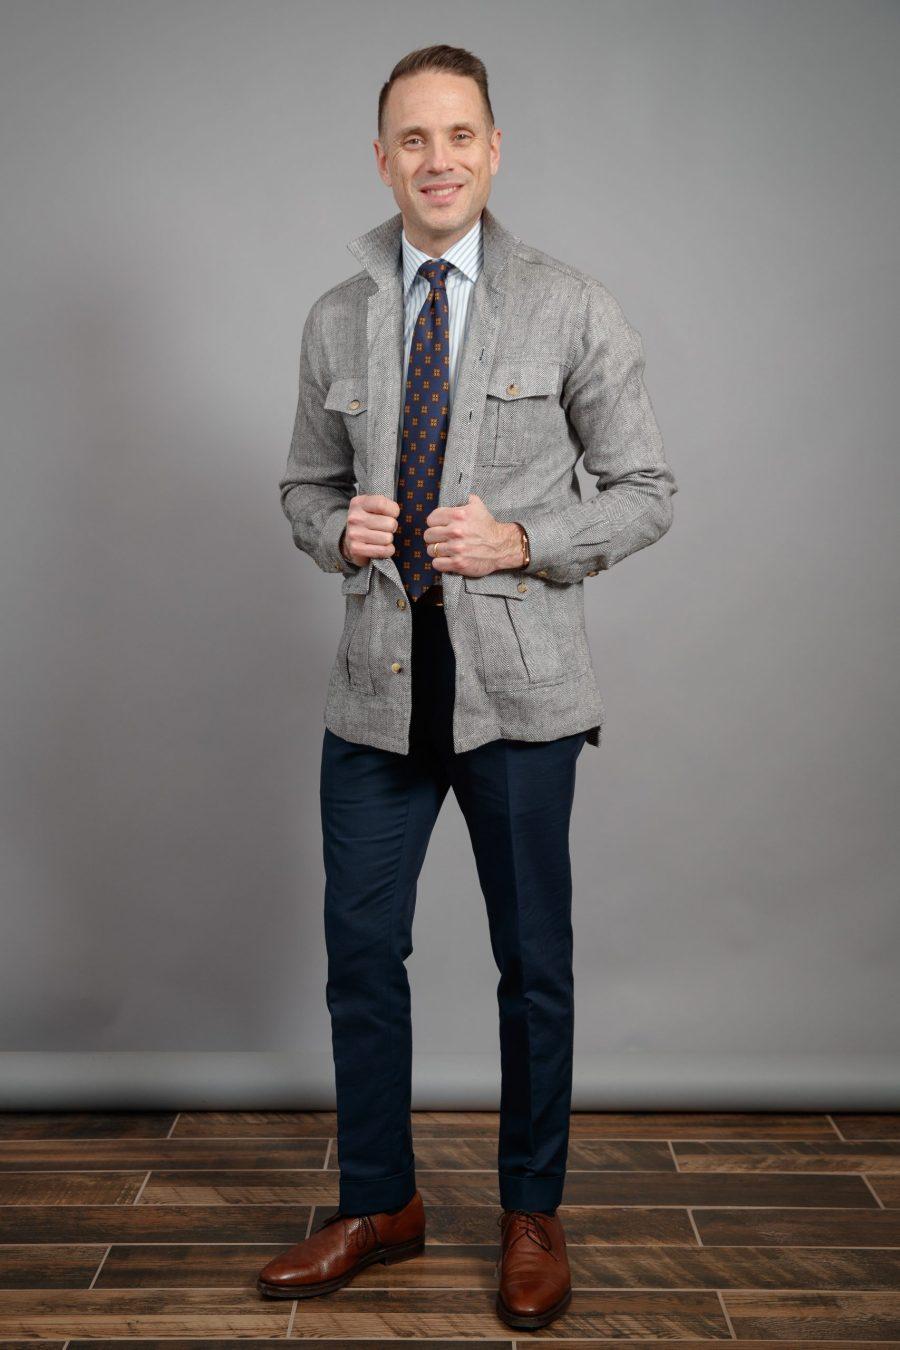 vestido-de-homem-vestido-de-linho-barraca-e-gravata-parece-para-a-primavera-2021